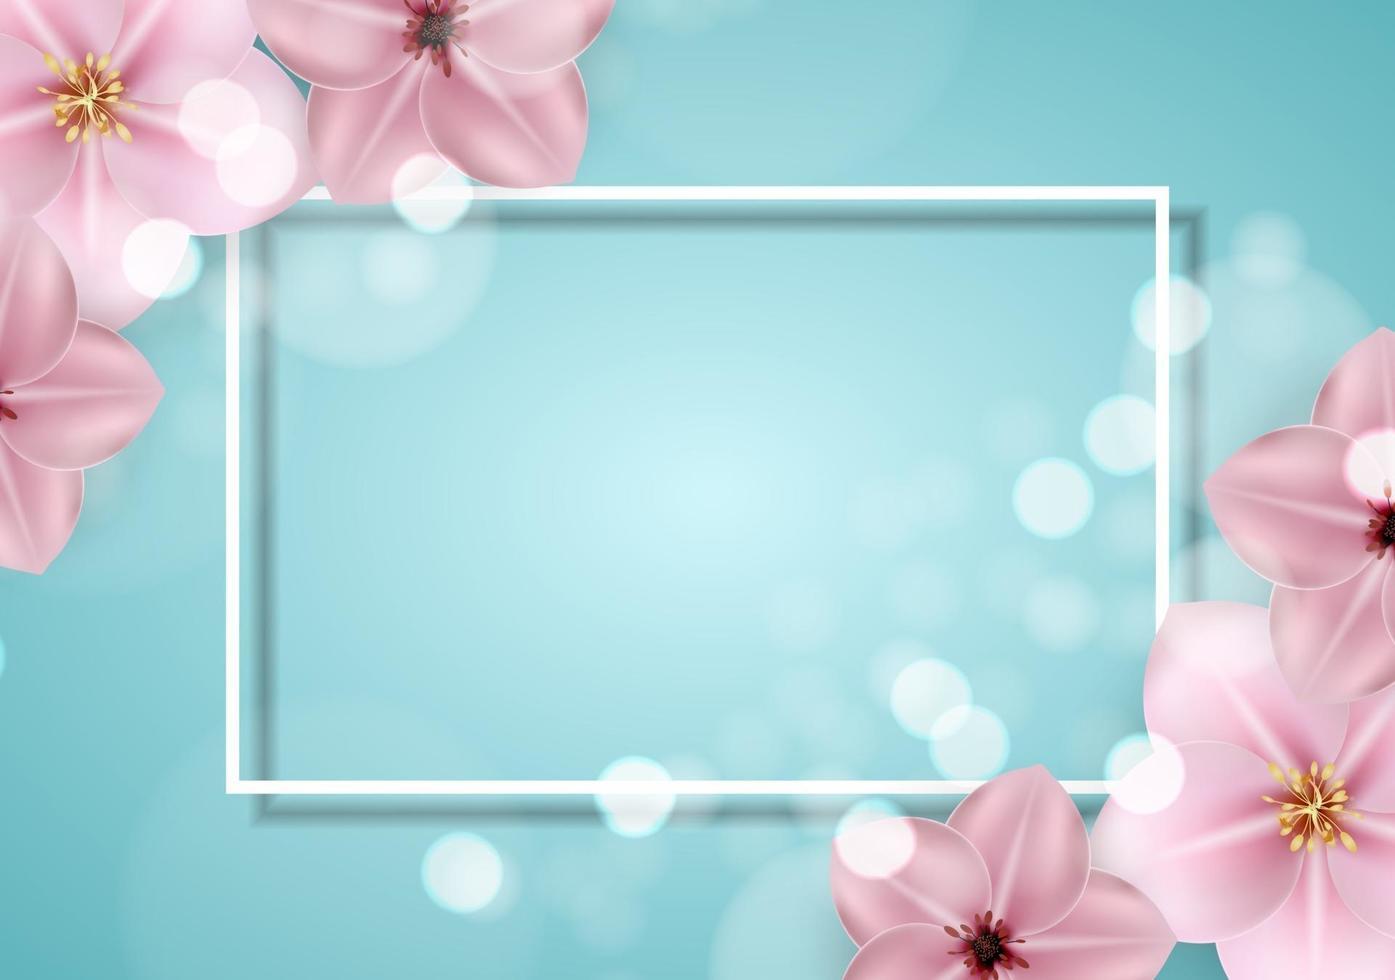 realistico bello sprind 3d e priorità bassa del fiore rosa di estate. illustrazione vettoriale